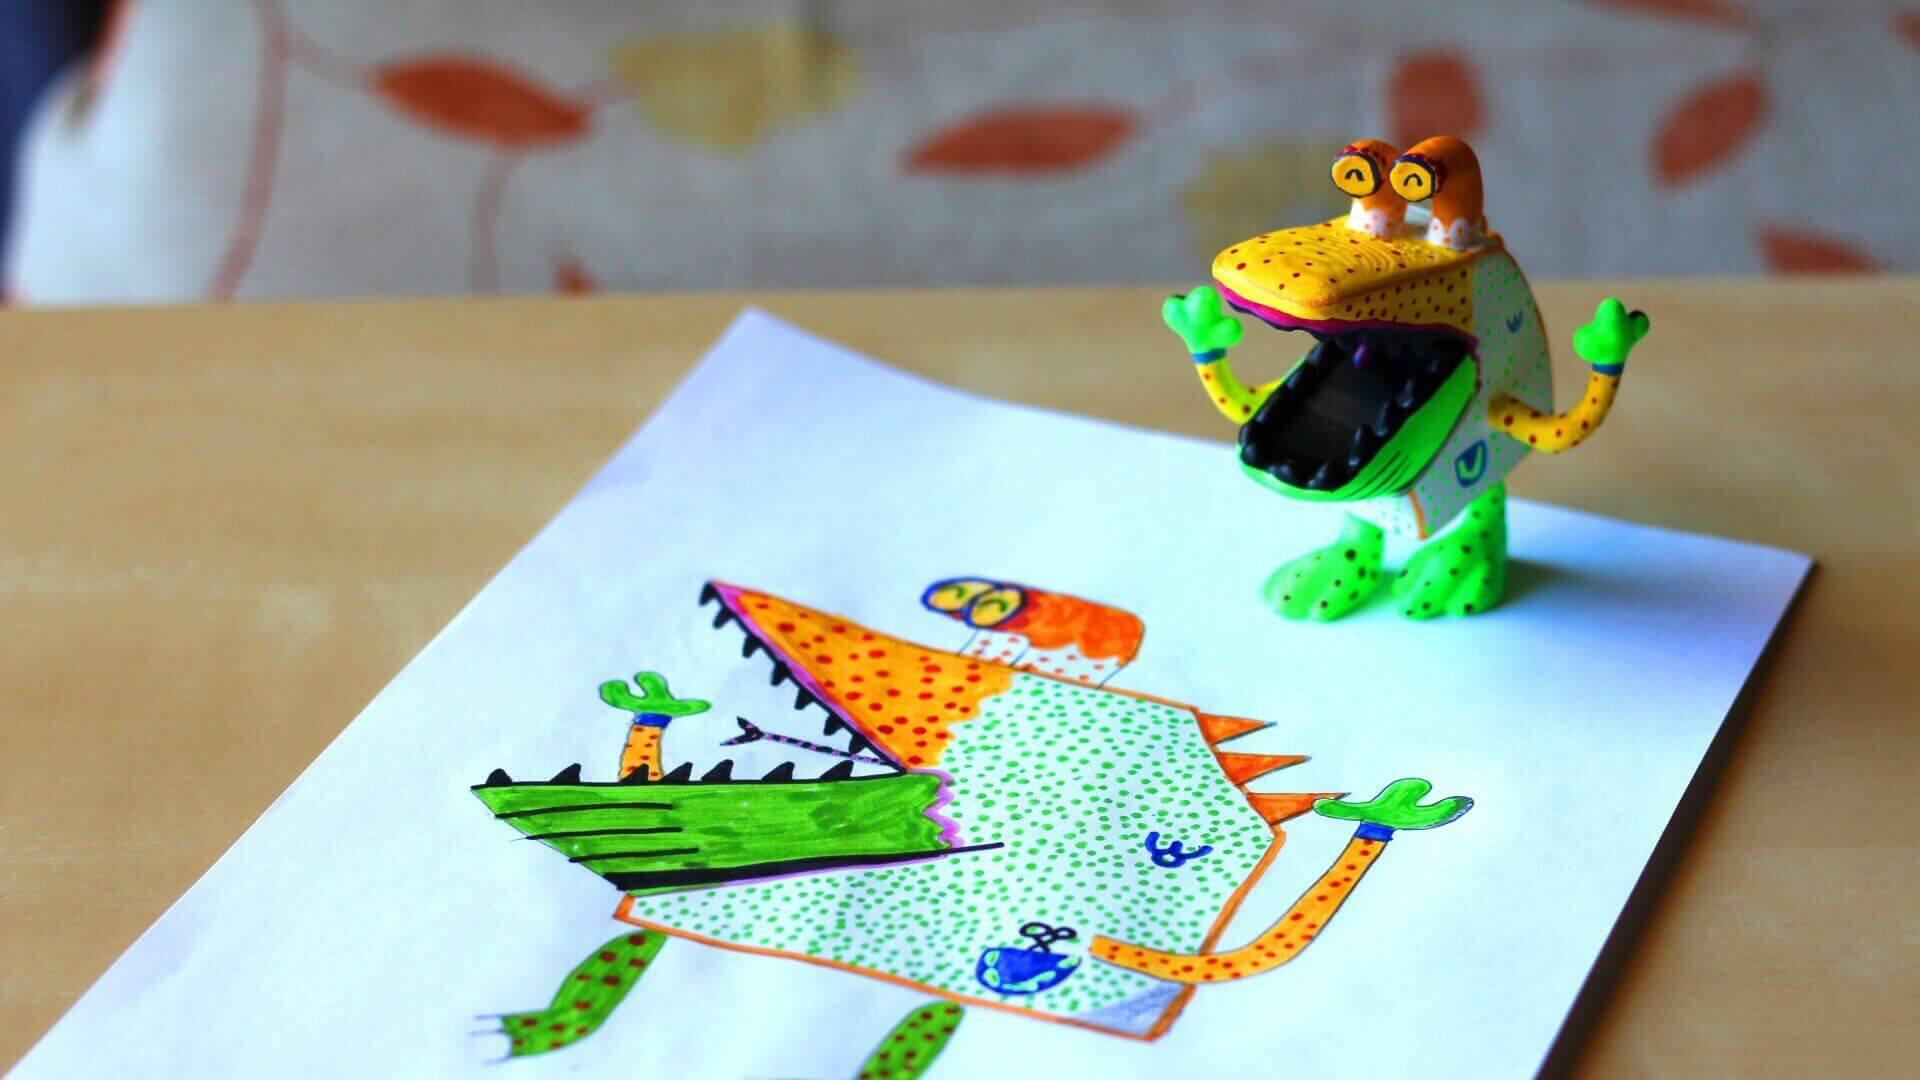 Moyupi on Kickstarter: Design & 3D Print Your Own Monsters | All3DP